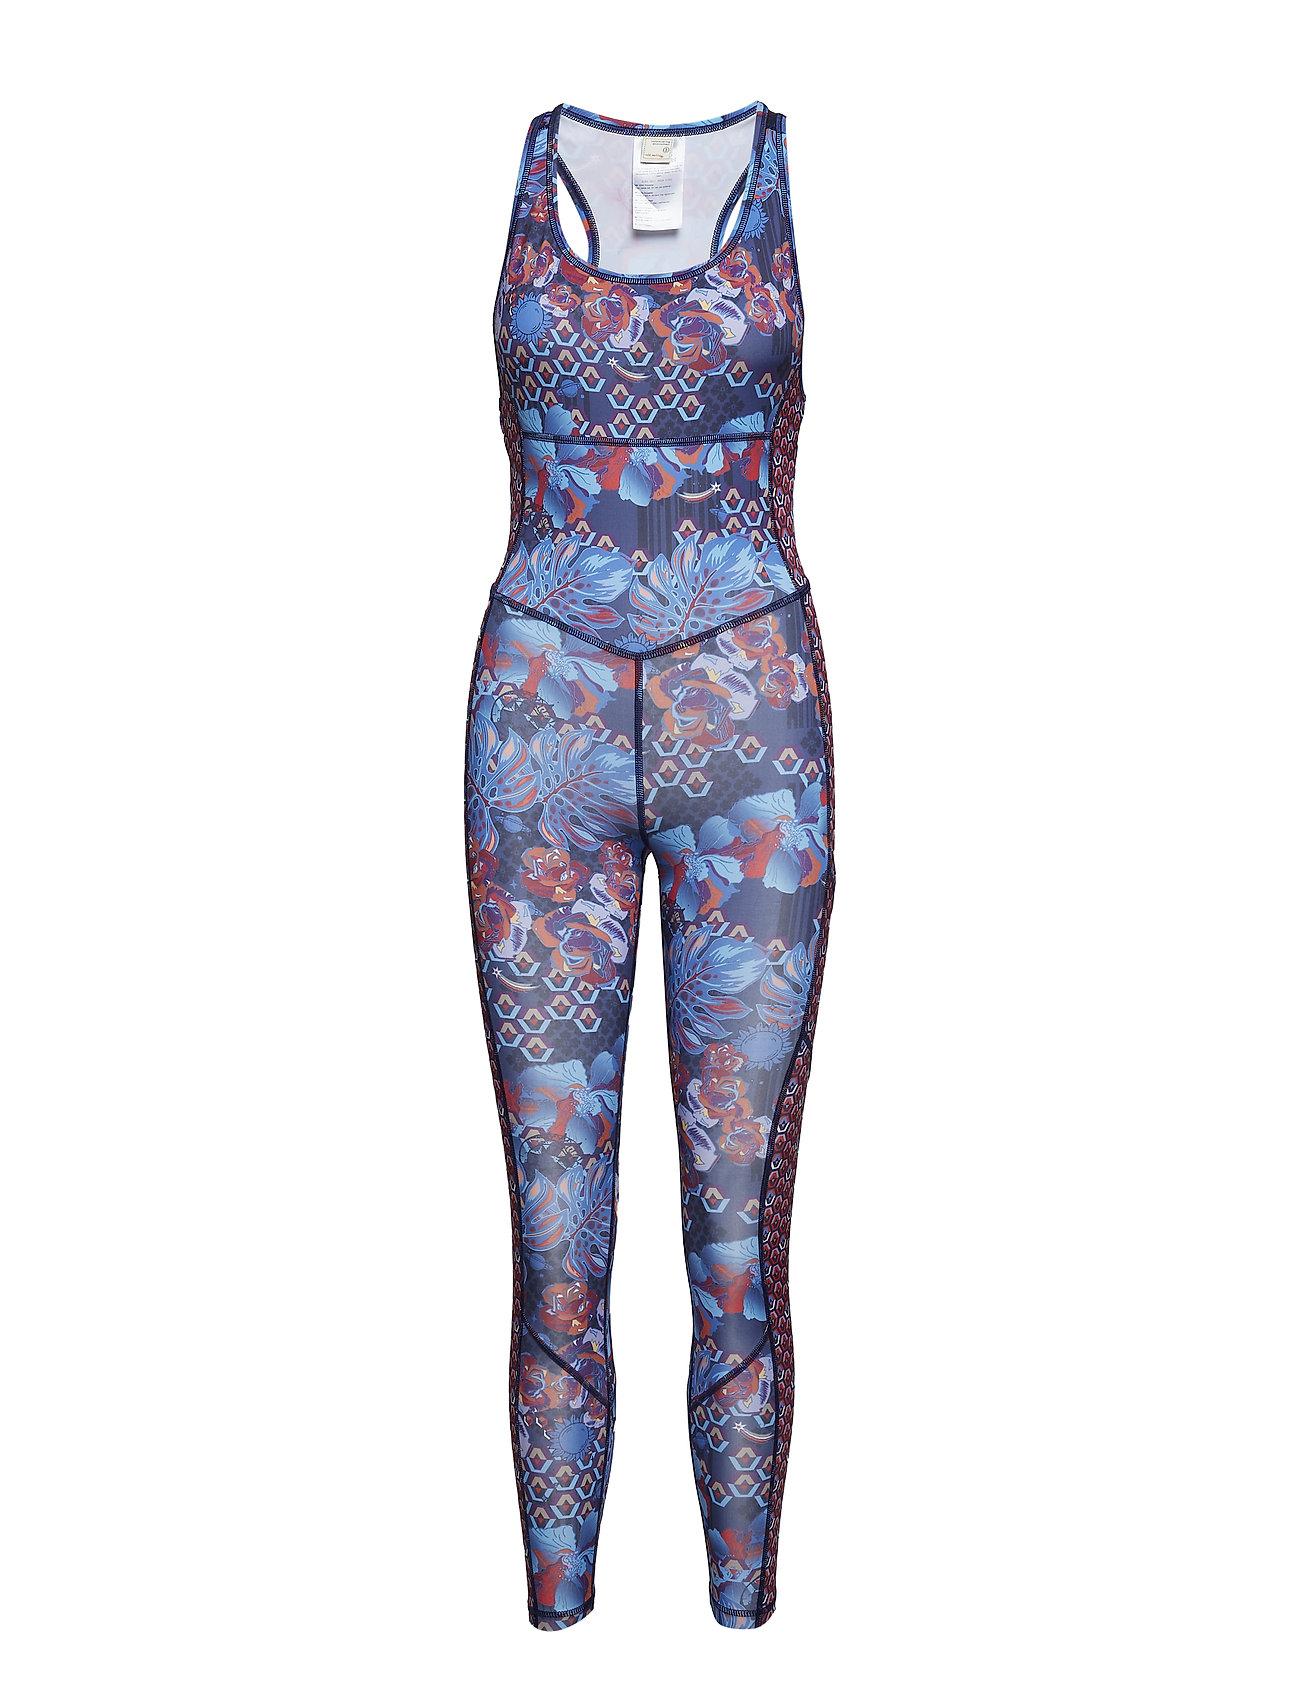 ODD MOLLY ACTIVE WEAR sprinter jumpsuit - DARK BLUE